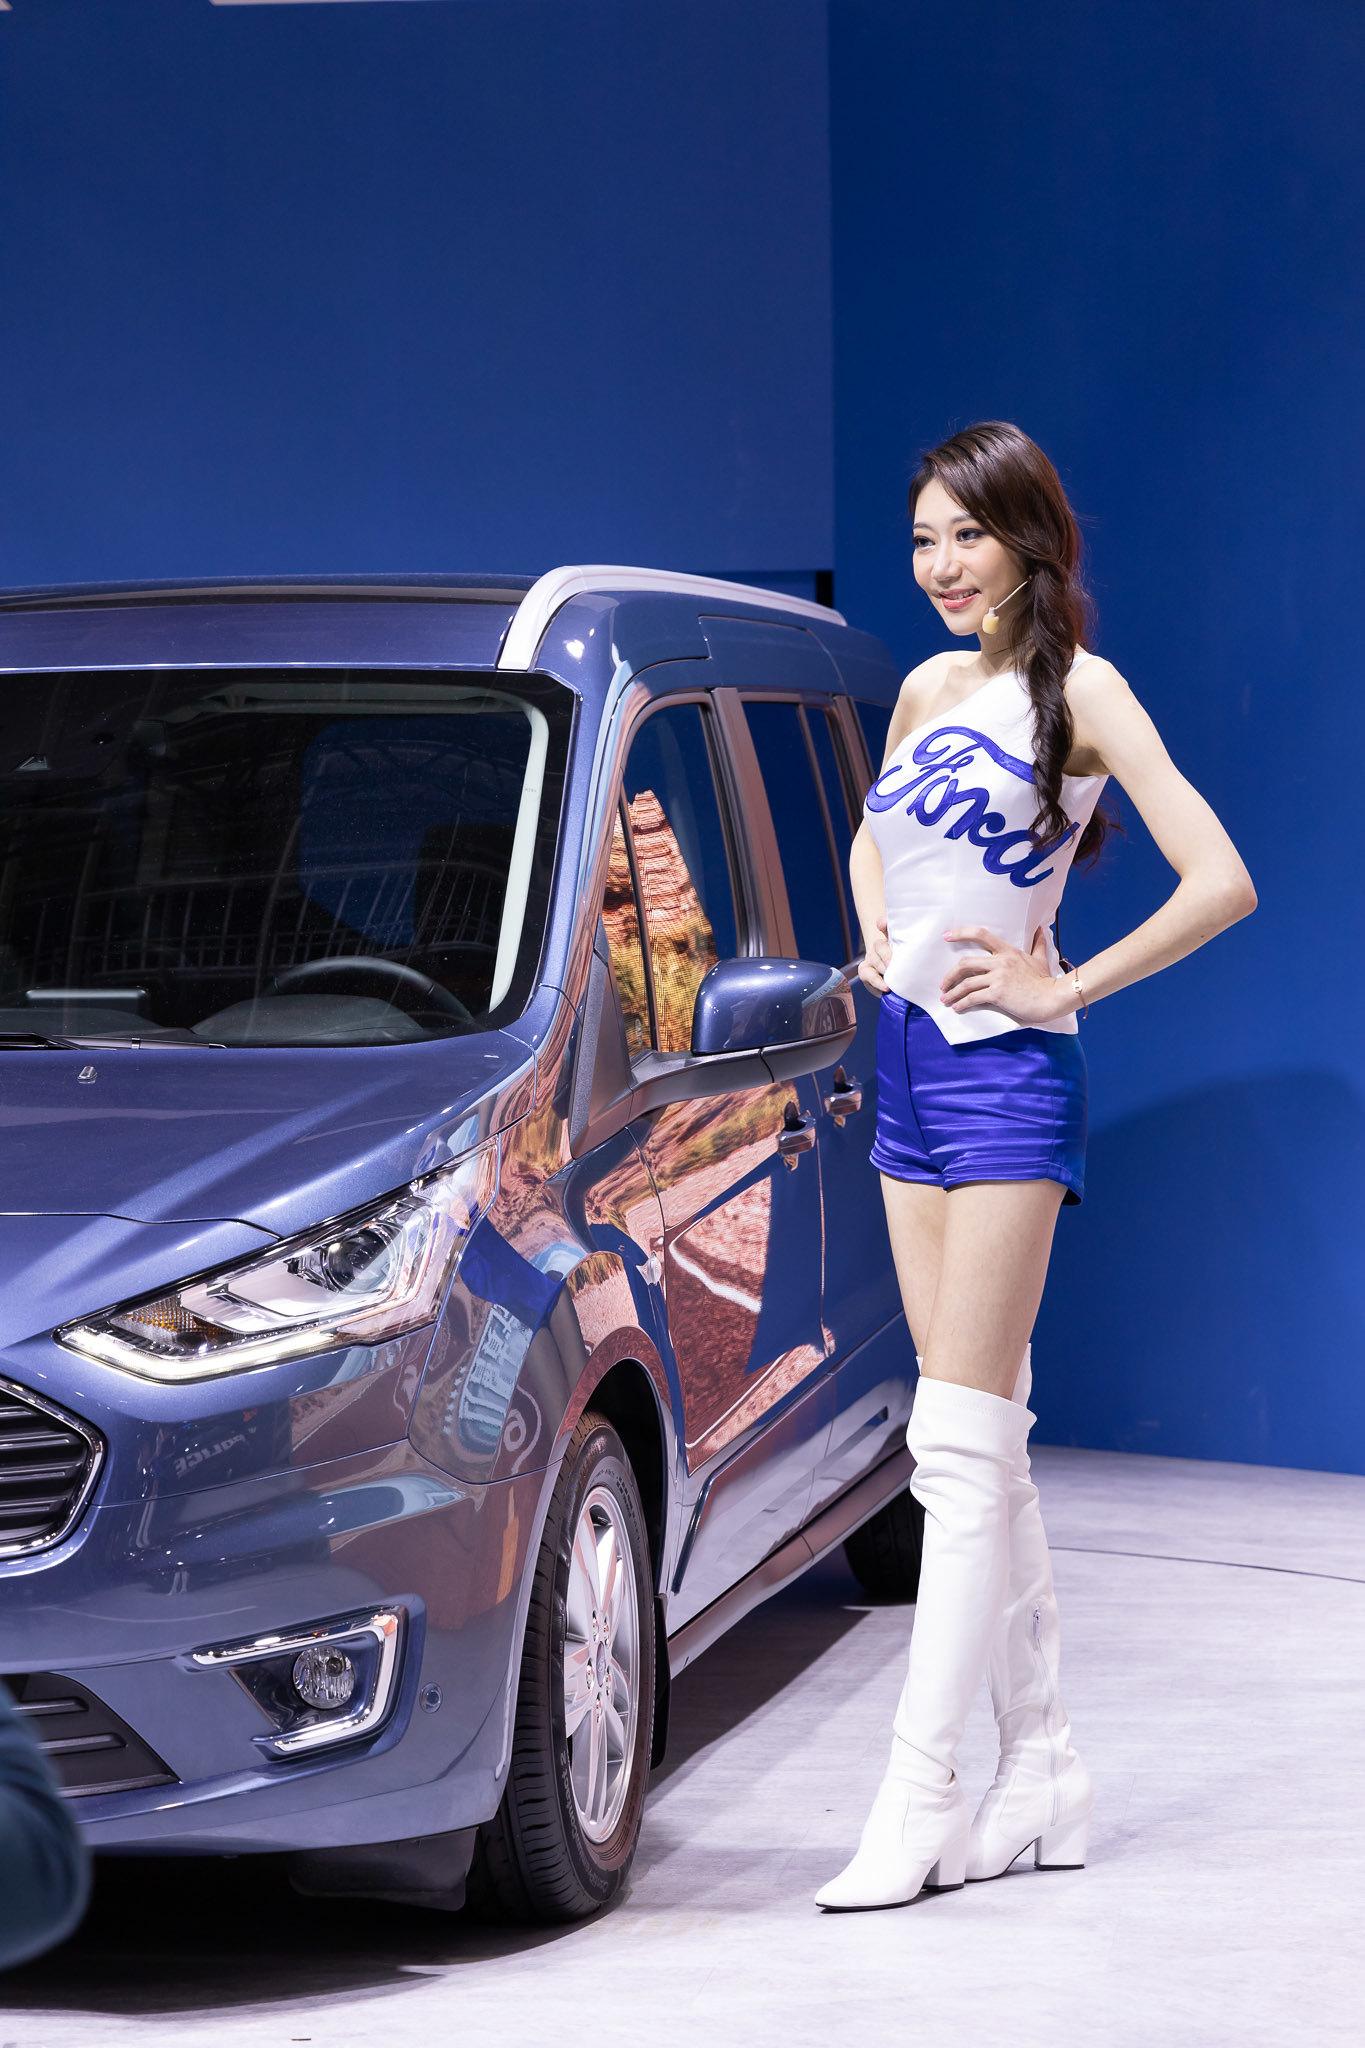 汽車 Cars - 台北 2020 Taipei 2020 #0053